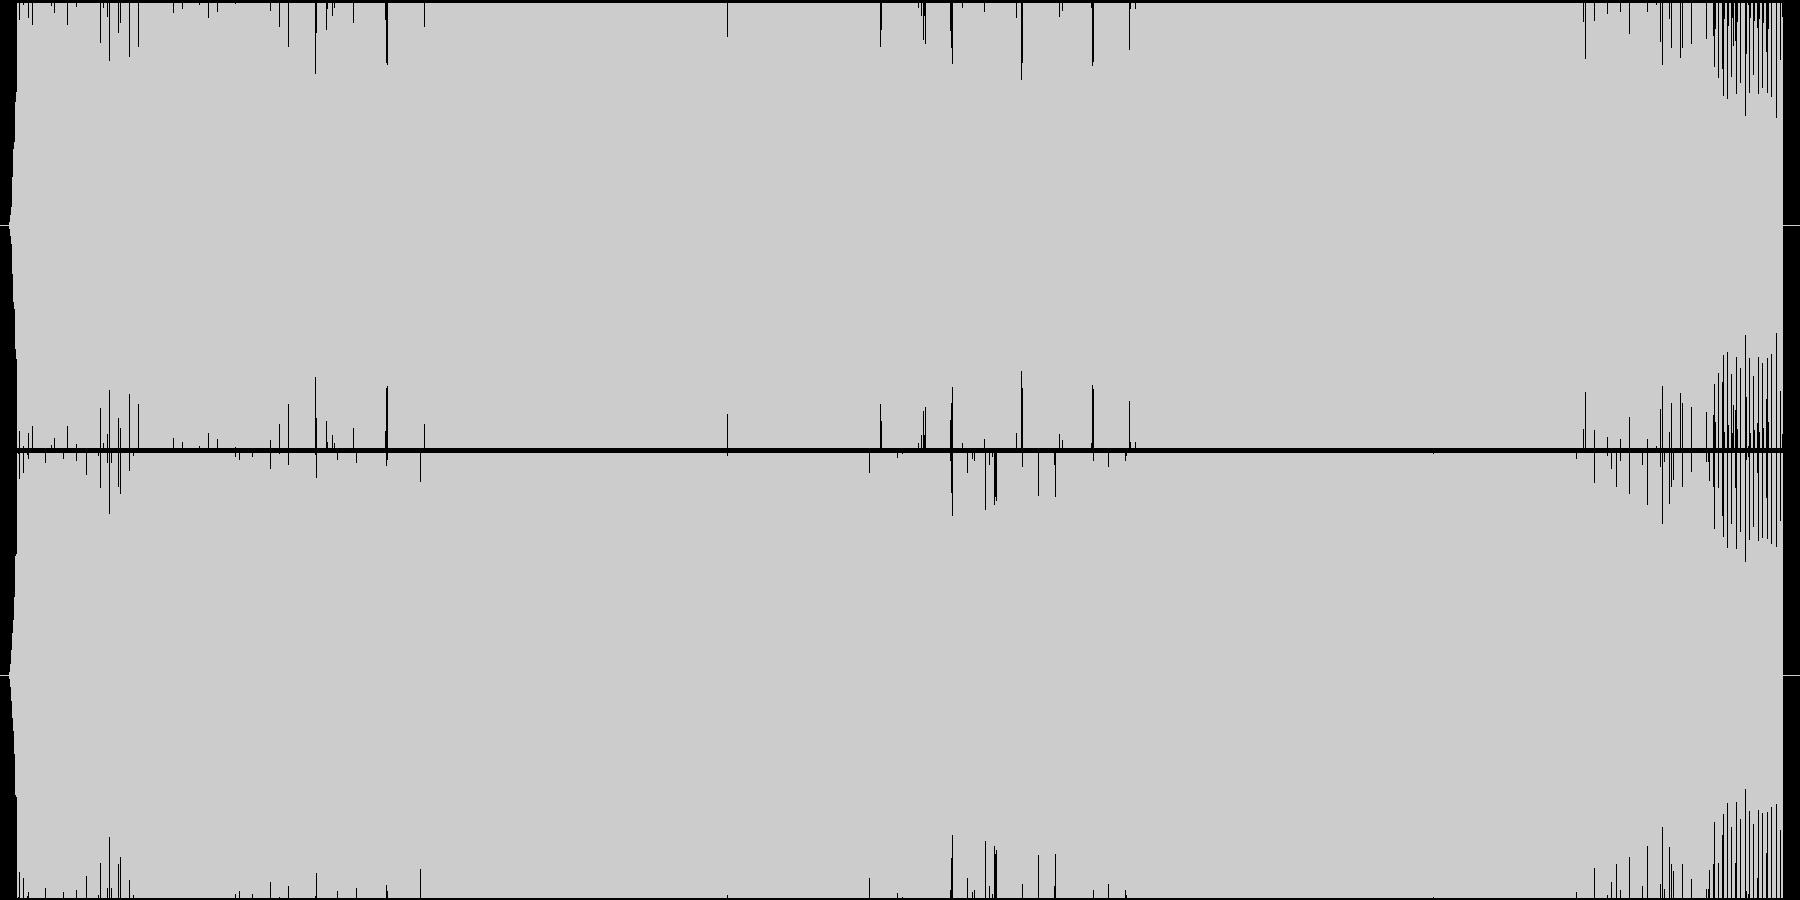 少し哀愁漂うエレクトロハウスの未再生の波形